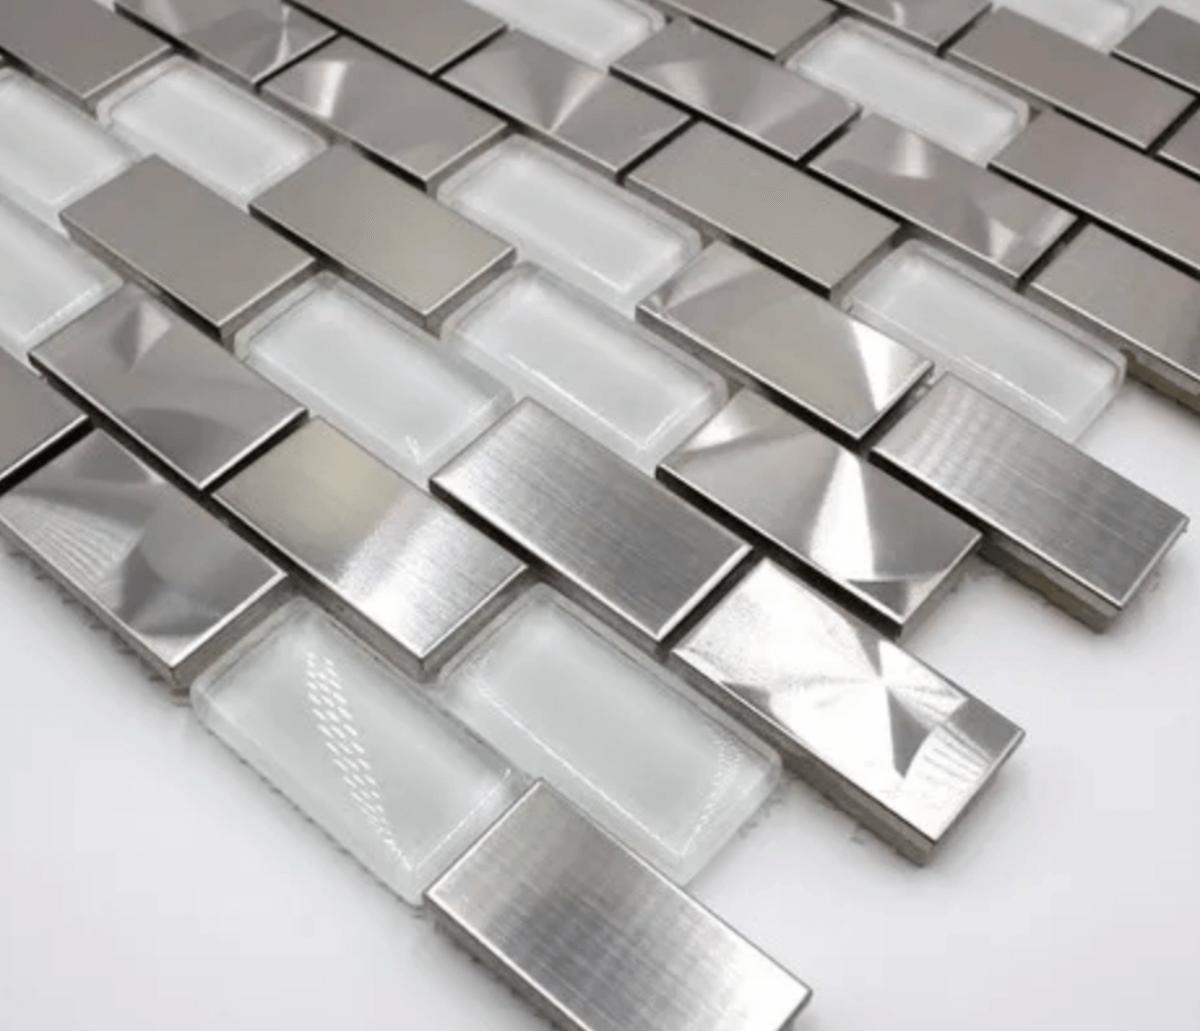 Azulejos de acero inoxidable: innovación y vanguardia